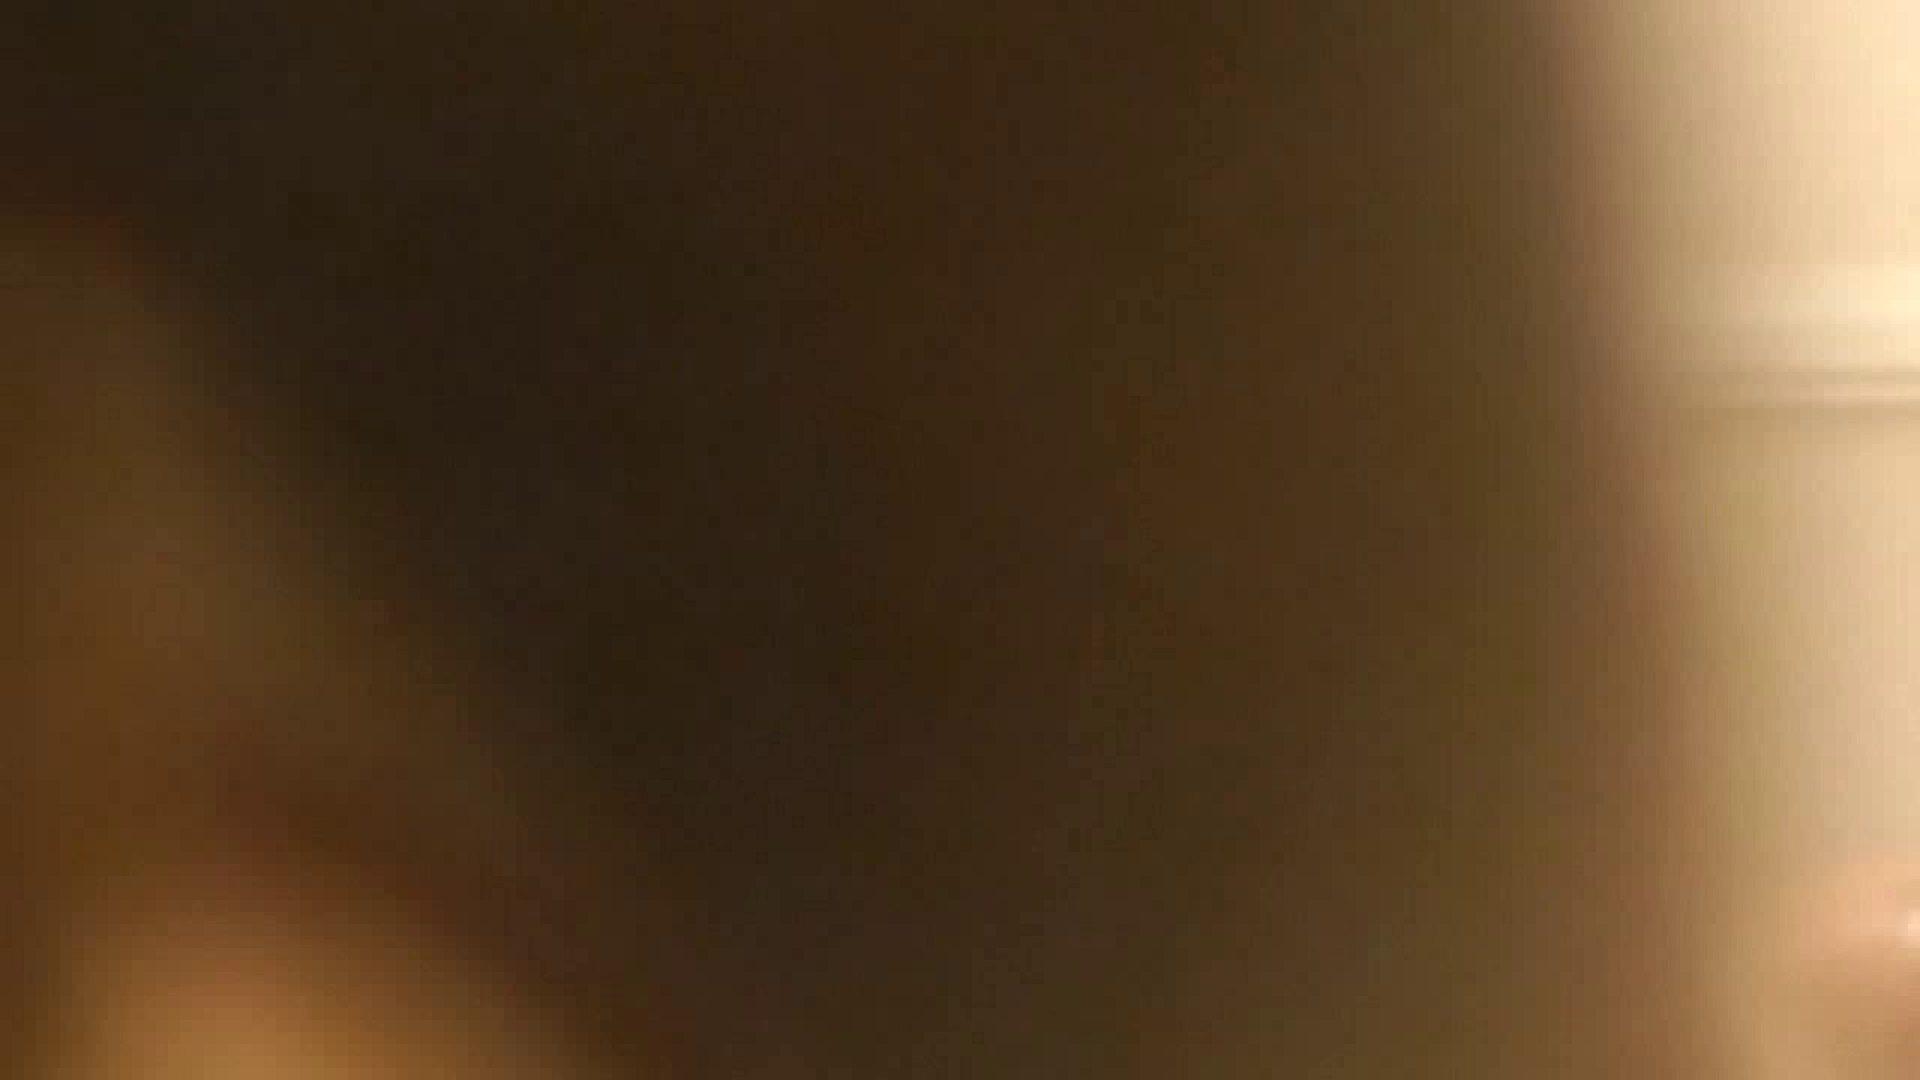 vol.1 Mayumi 窓越しに入浴シーン撮影に成功 OL   入浴シーン  89連発 31